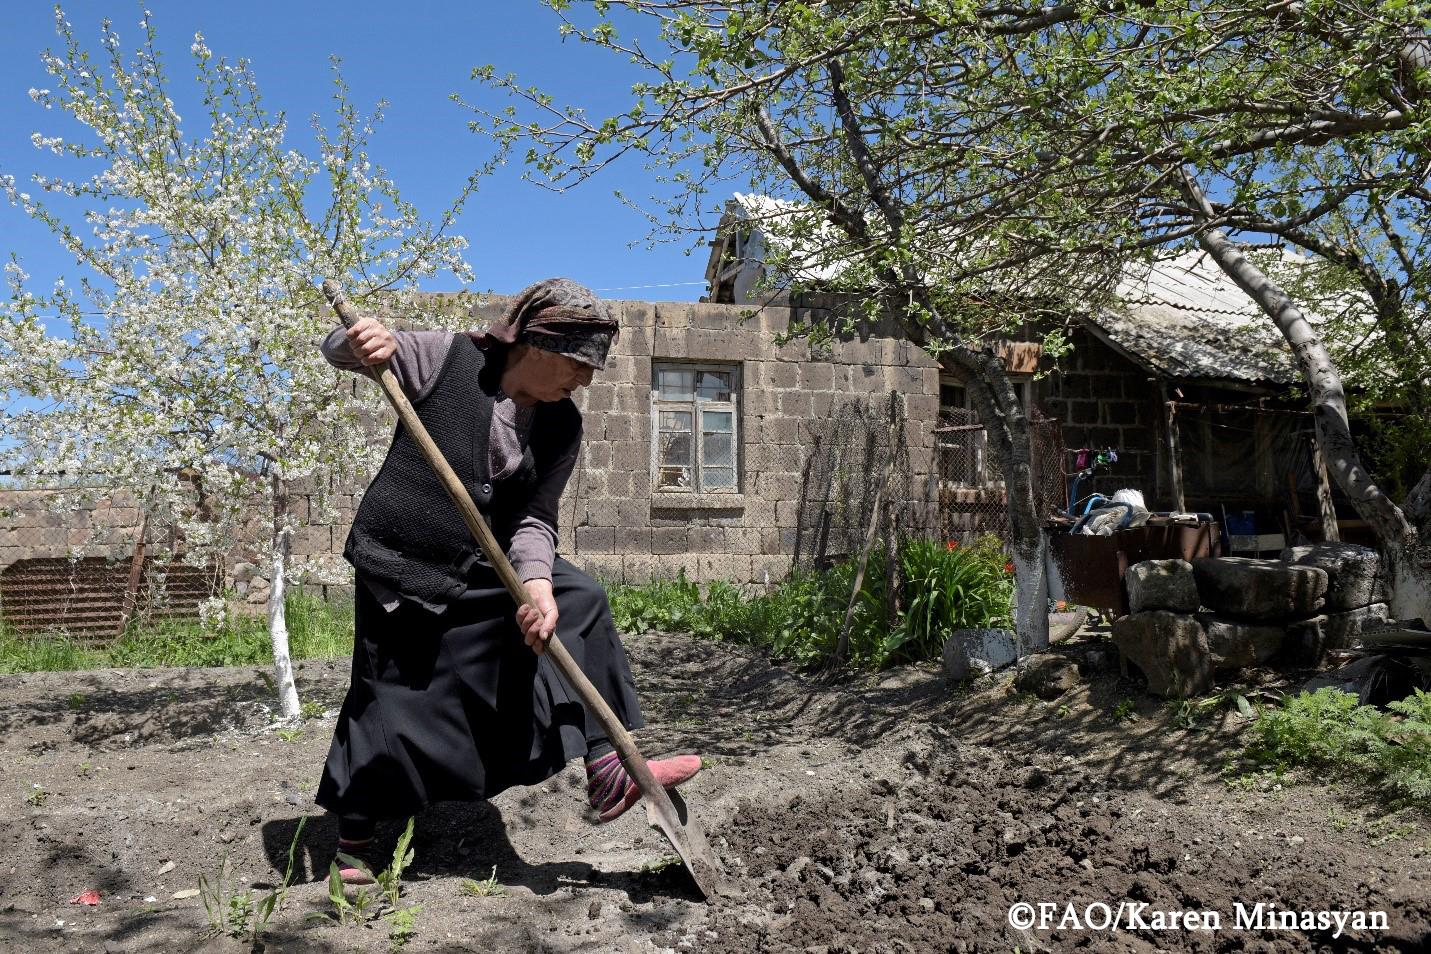 Տարեց կինը մշակում է իր այգին։